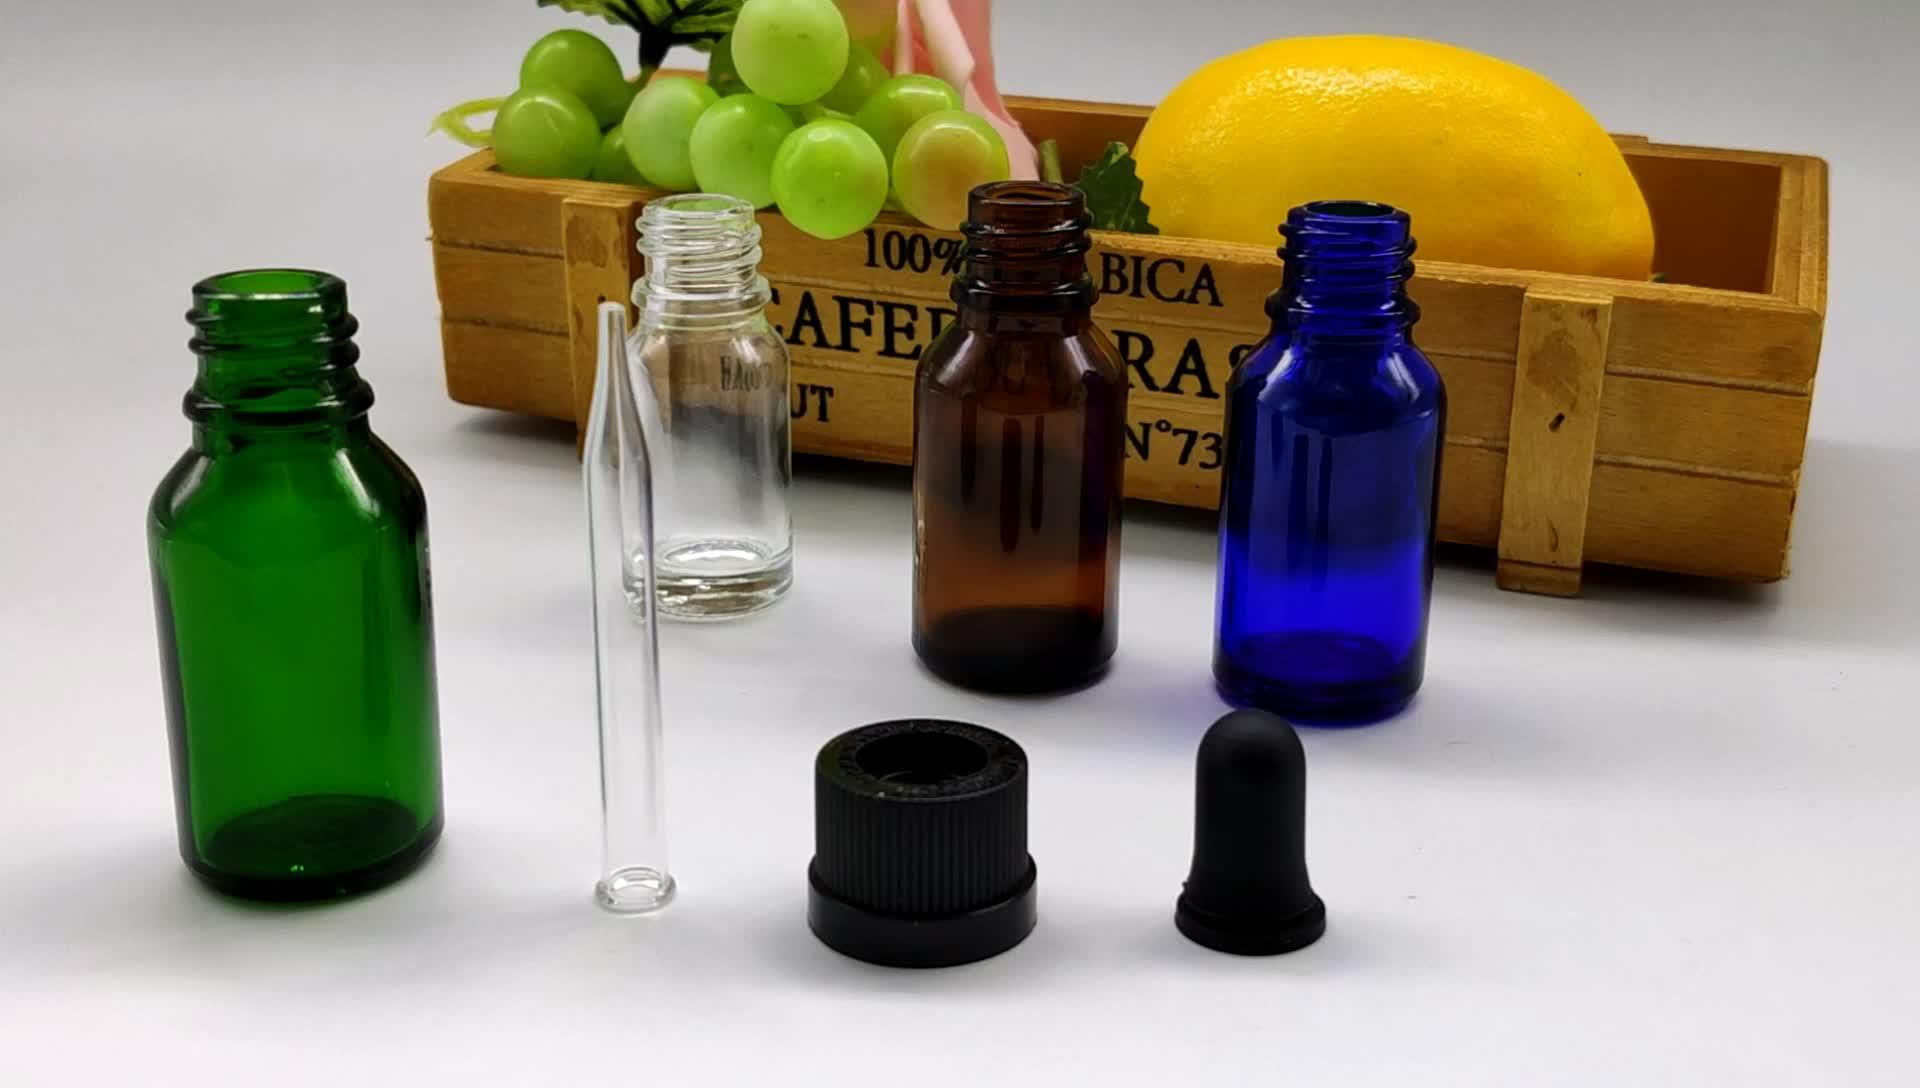 15ml dropper garrafa de vidro, garrafas de vidro de óleo essencial